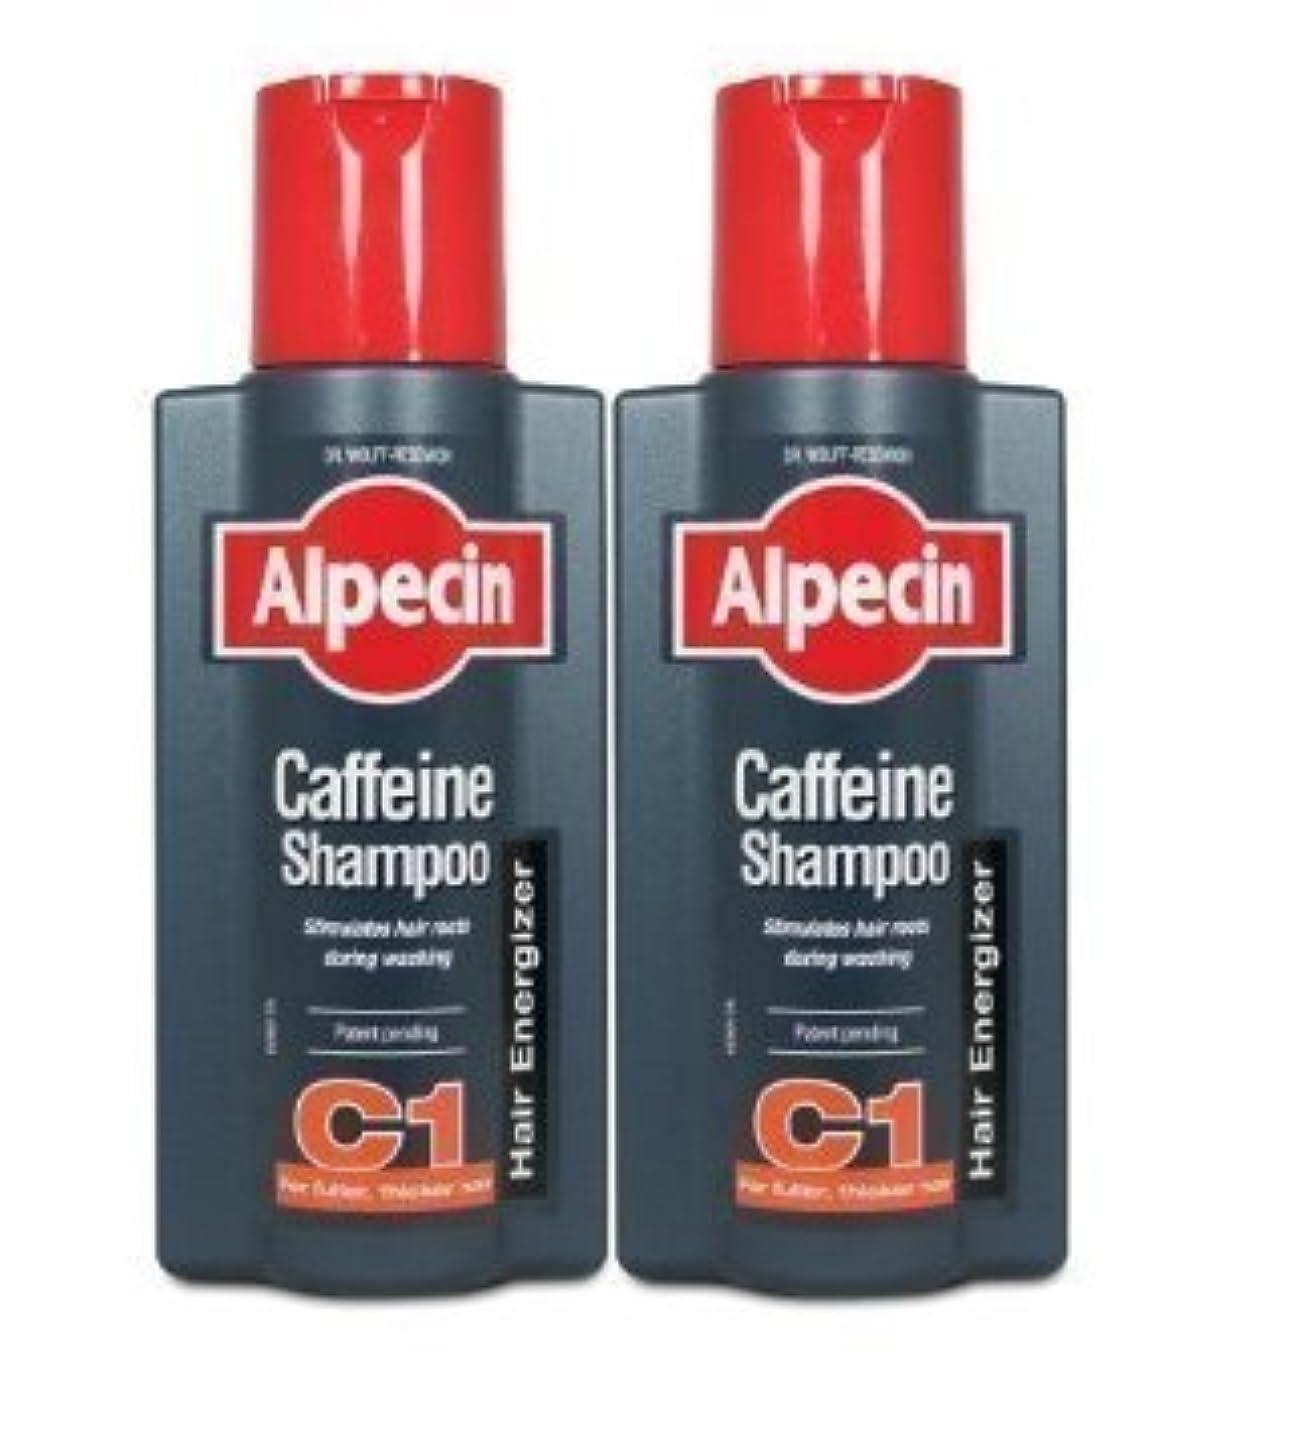 モネ写真の故障2 X Alpecin Caffeine Shampoo [並行輸入品]